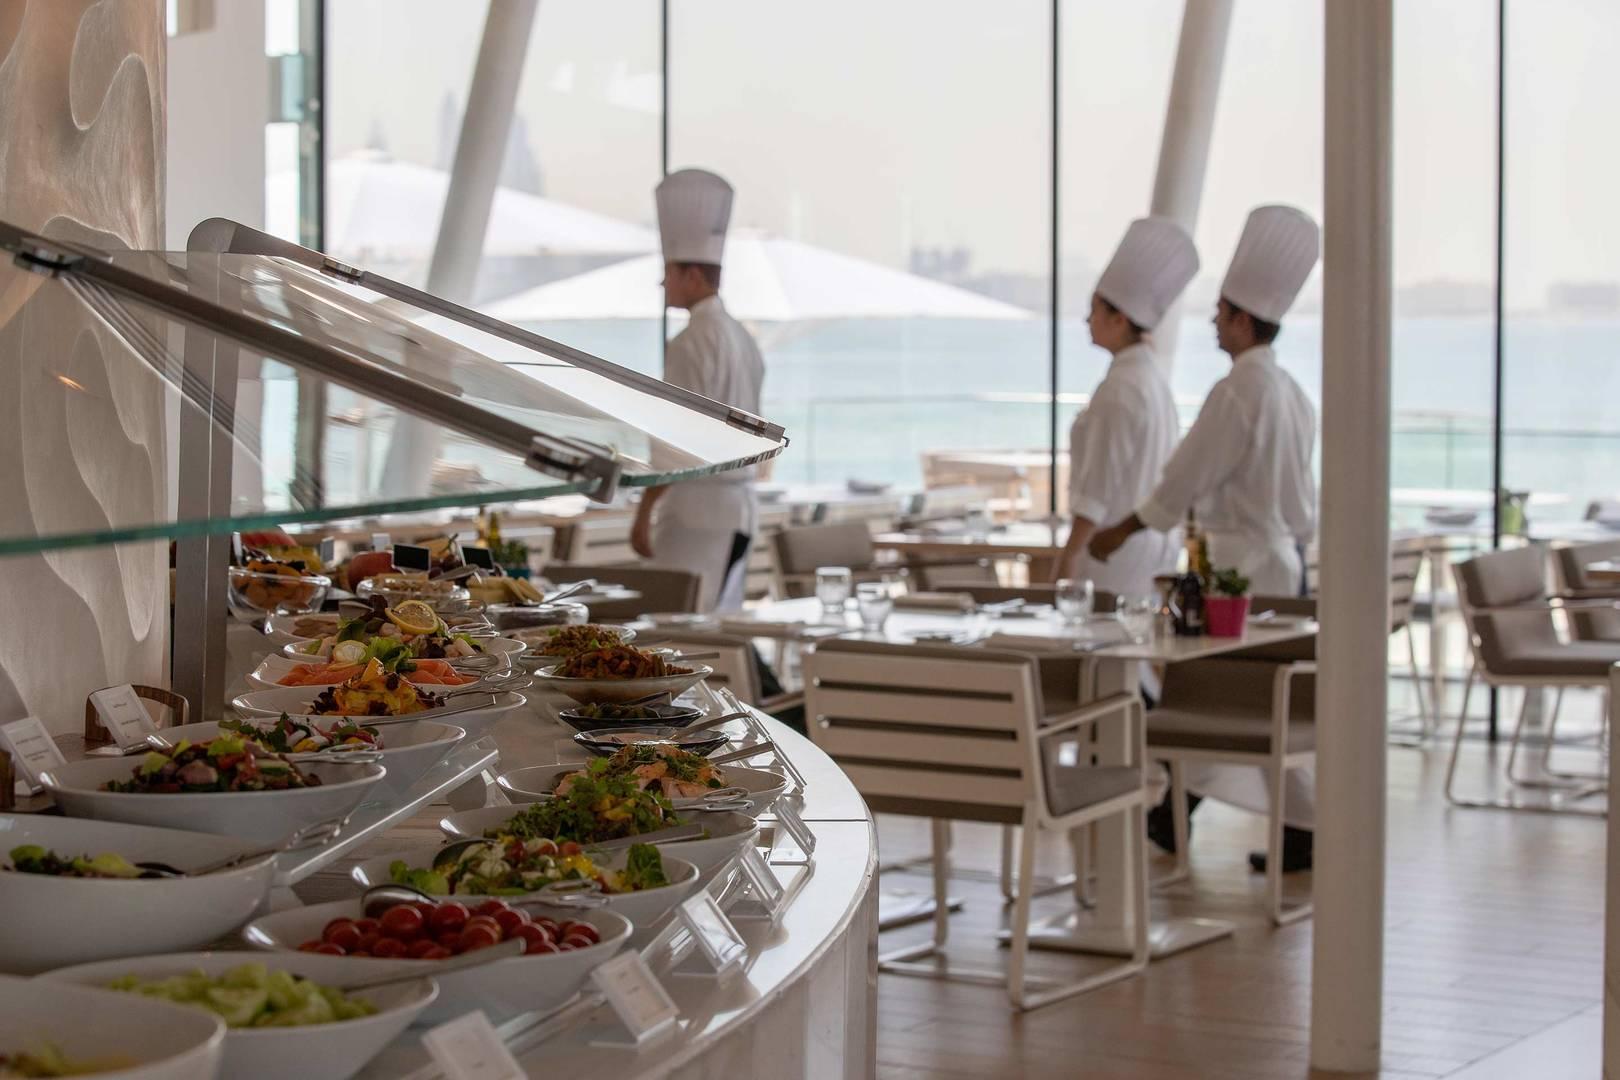 https://cdn.jumeirah.com/-/mediadh/DH/Hospitality/Jumeirah/Restaurants/Dubai/Burj-Al-Arab-Bab-Al-Yam/Restaurant-Gallery/Burj-Al-Arab-Bab-Al-Yam-Buffet_6-4.jpg?h=1080&w=1620&hash=78CF0FDF87772159E16D0B642577EAB0